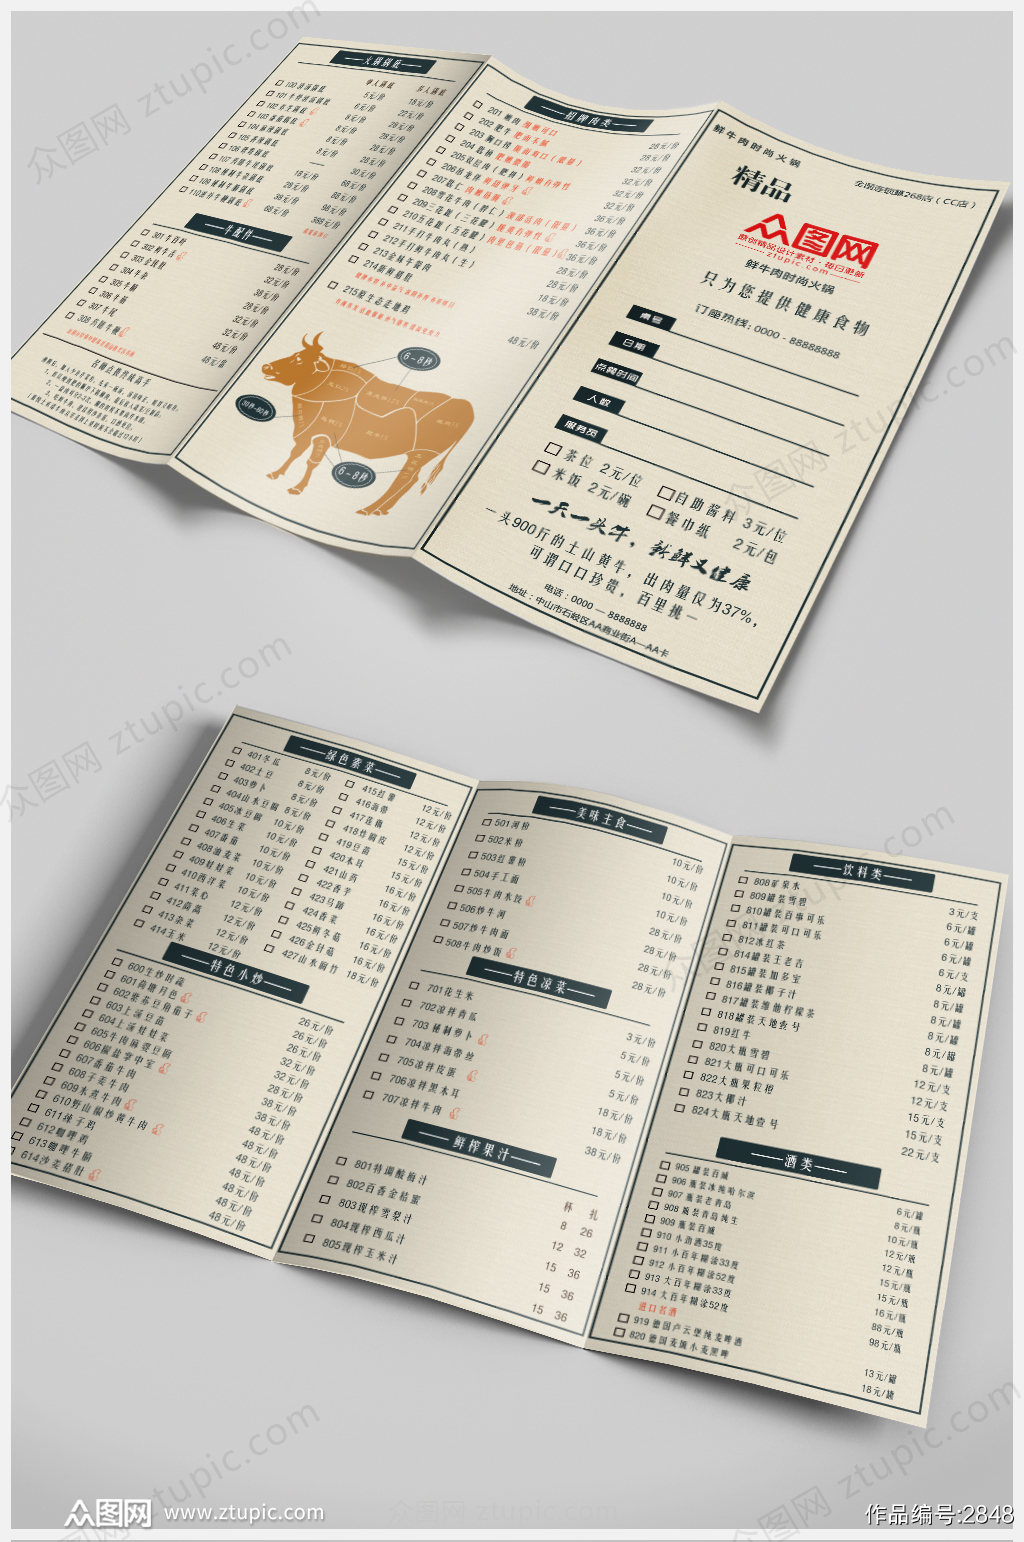 火锅餐厅菜单三折页菜谱内页素材